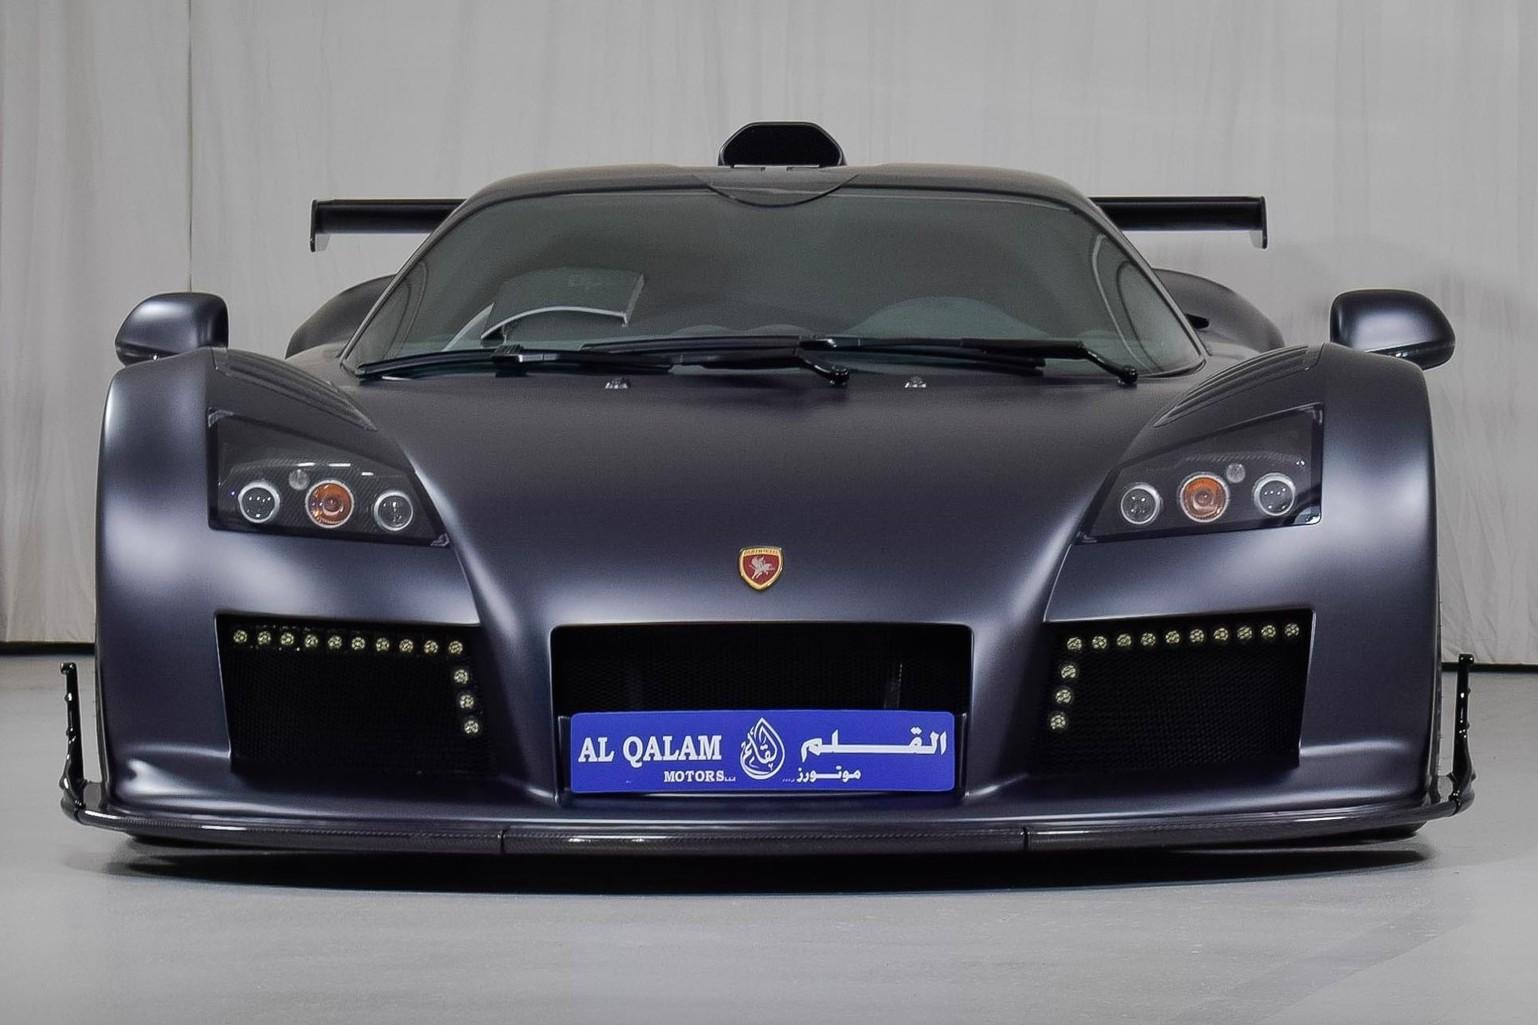 Best exotic cars featured in magazines: 2013 Gumpert Apollo S, UAE, $675,000.